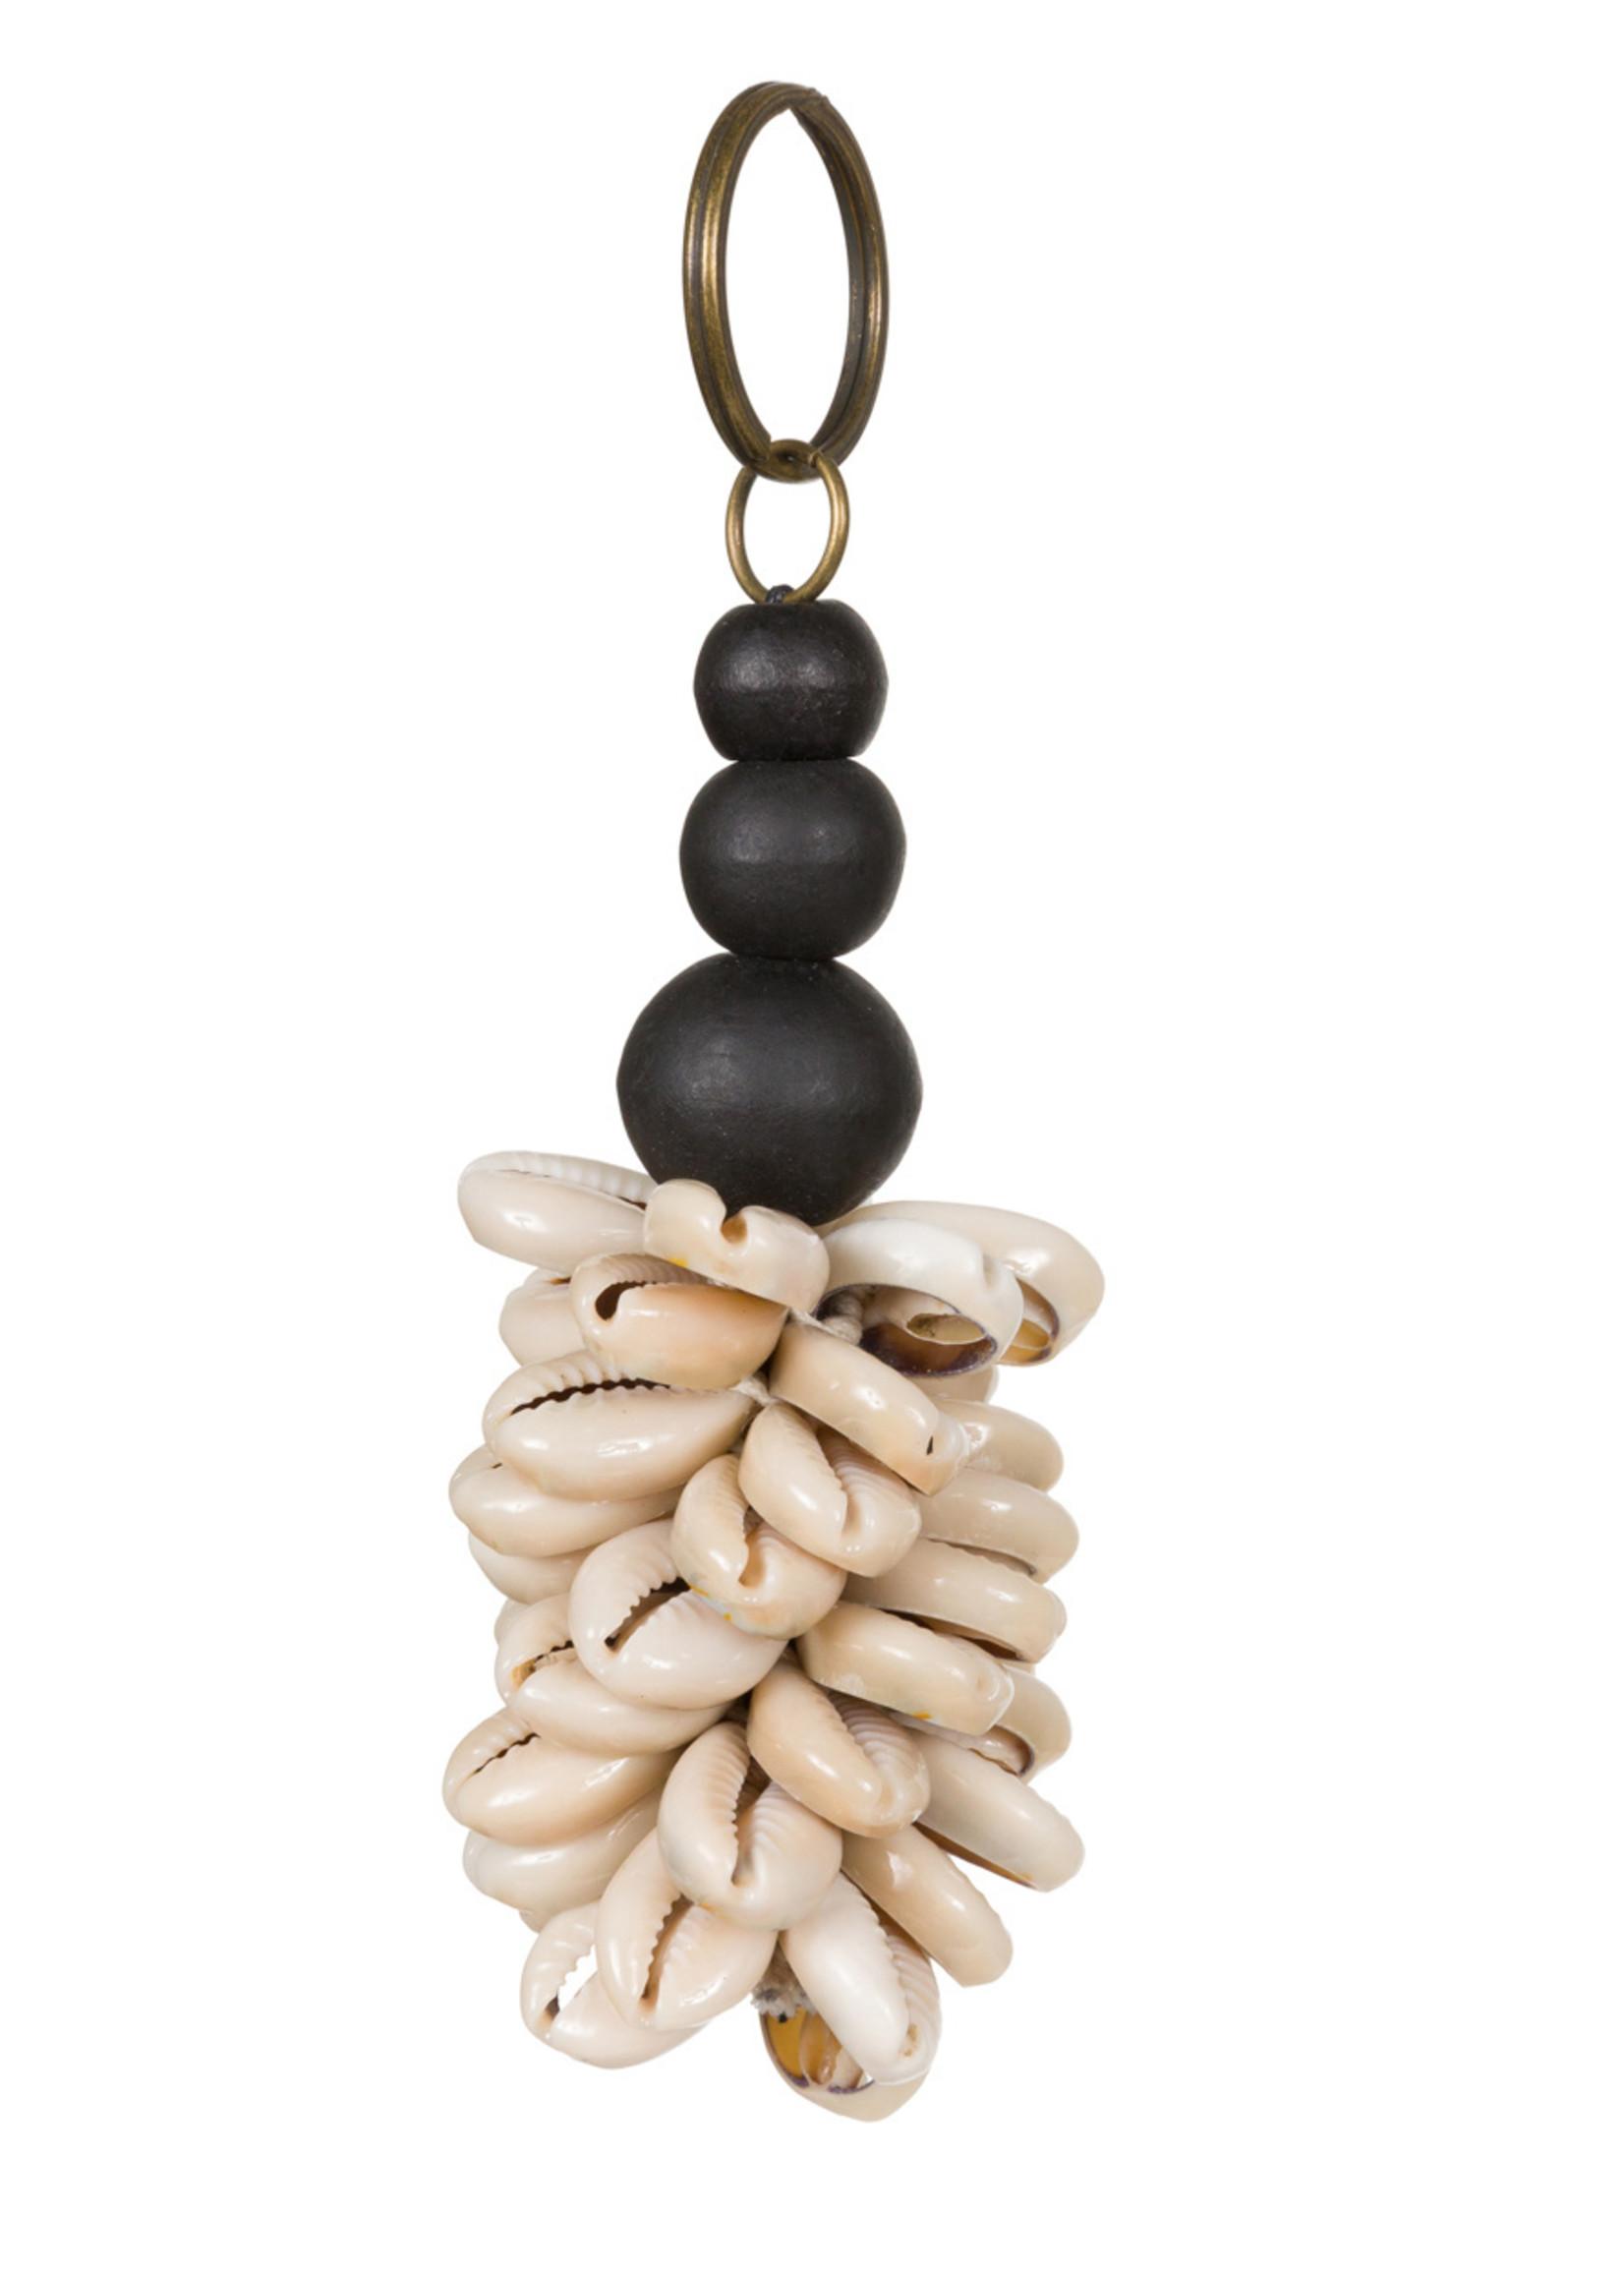 The Canggu Keychain - Natural Black